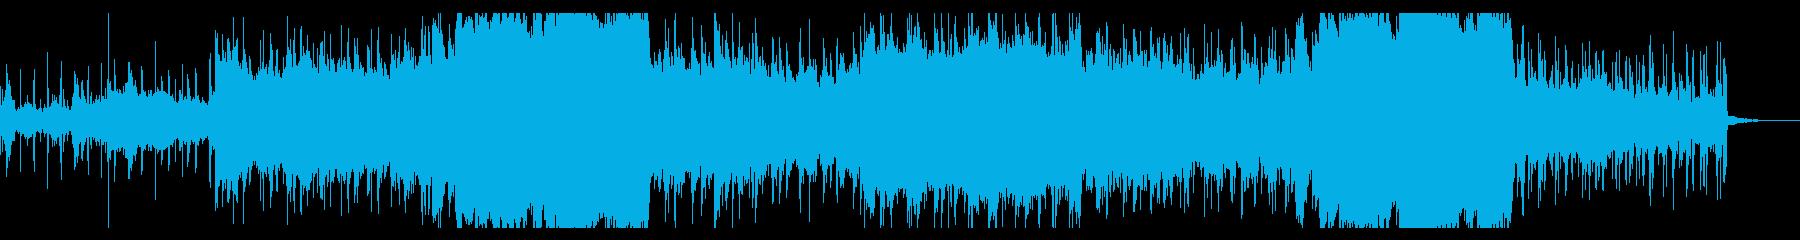 アンダーグラウンドなテクスチャの再生済みの波形